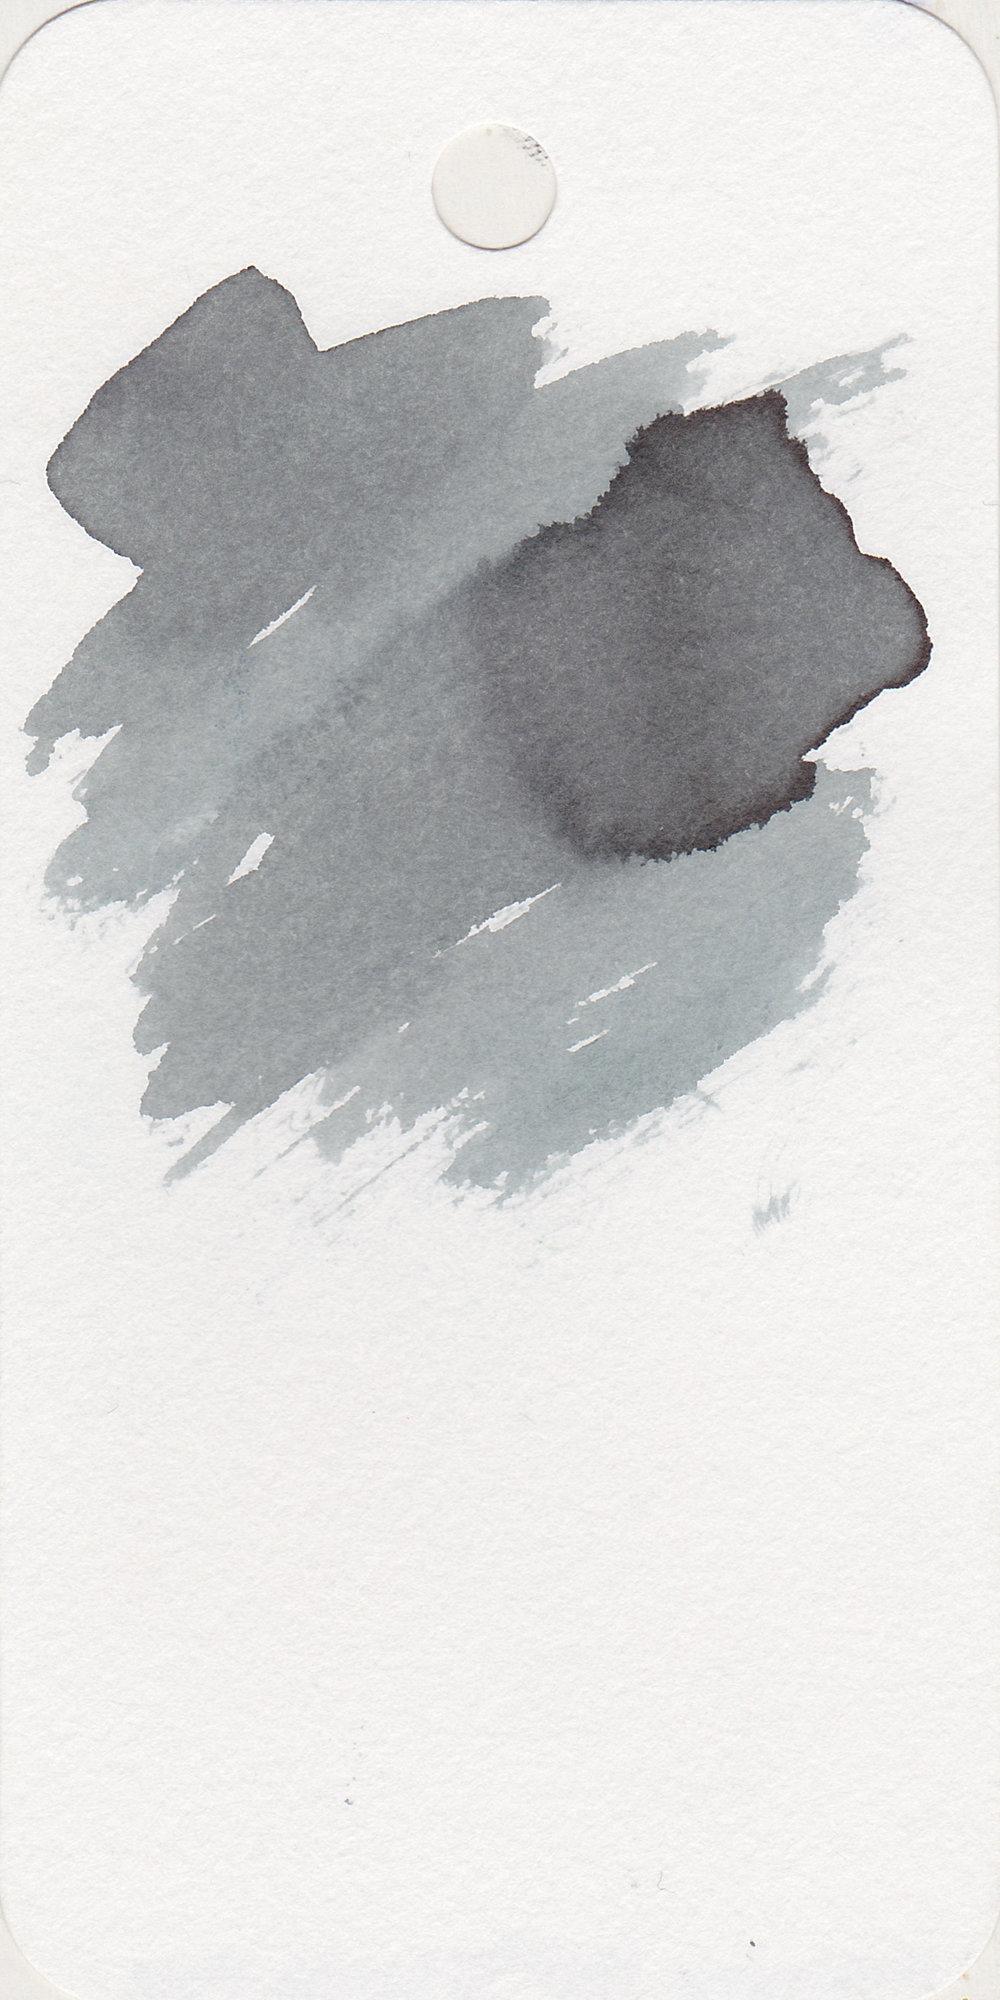 mb-oyster-grey-4.jpg